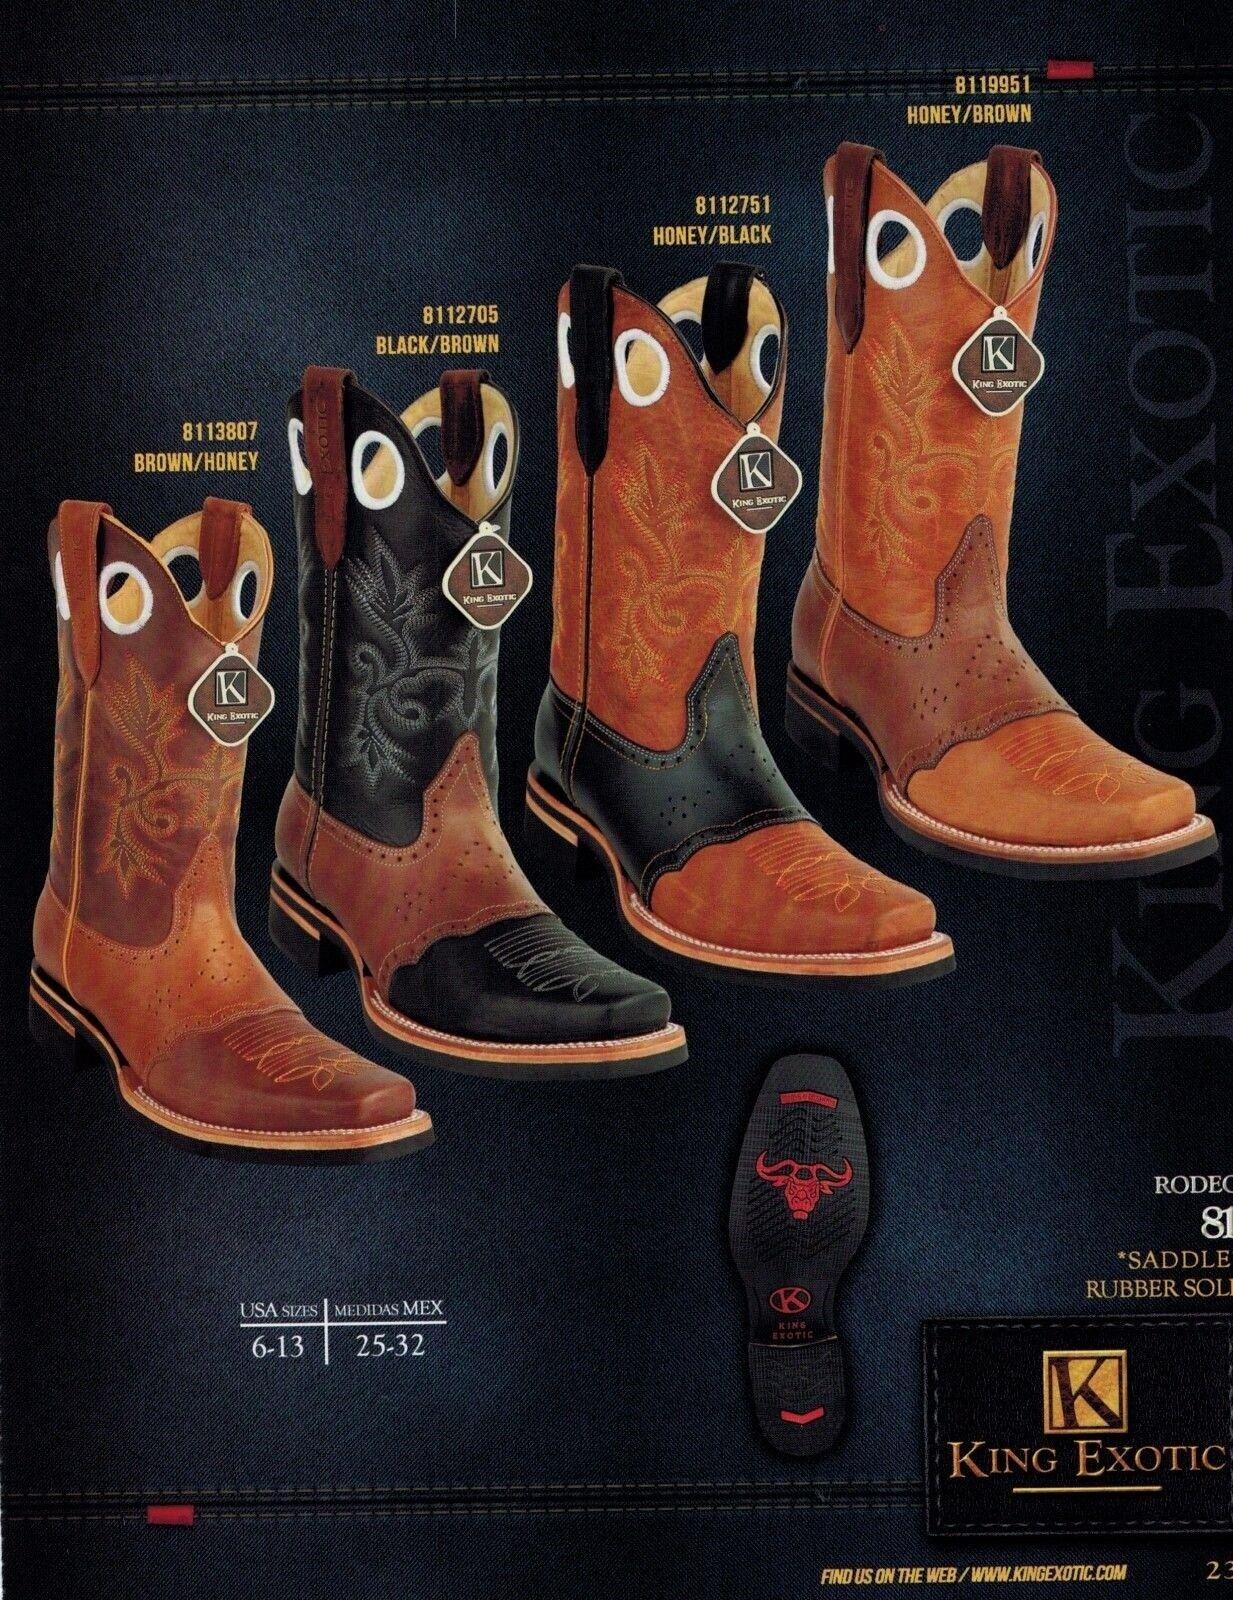 King Exotic Para hombres Cuero Genuino Rodeo del dedo del pie botas de vaquero occidental de silla de montar